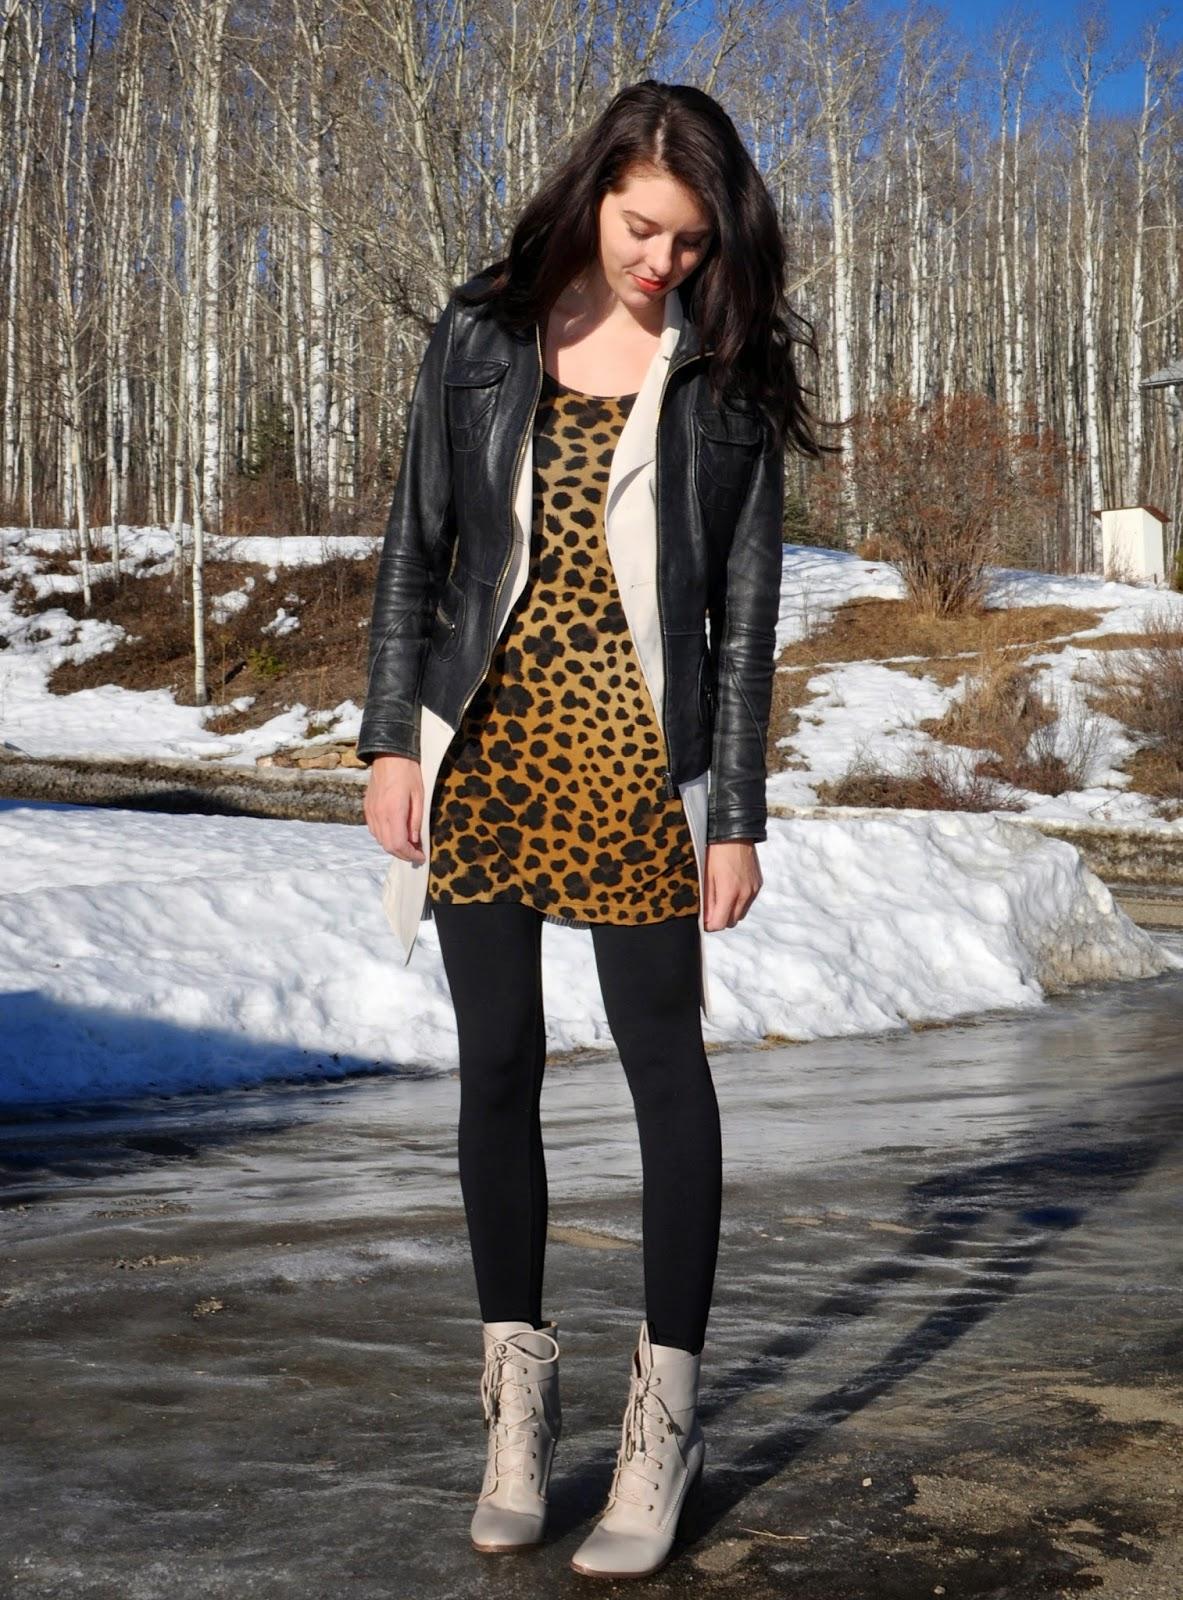 leopard dress in the winter